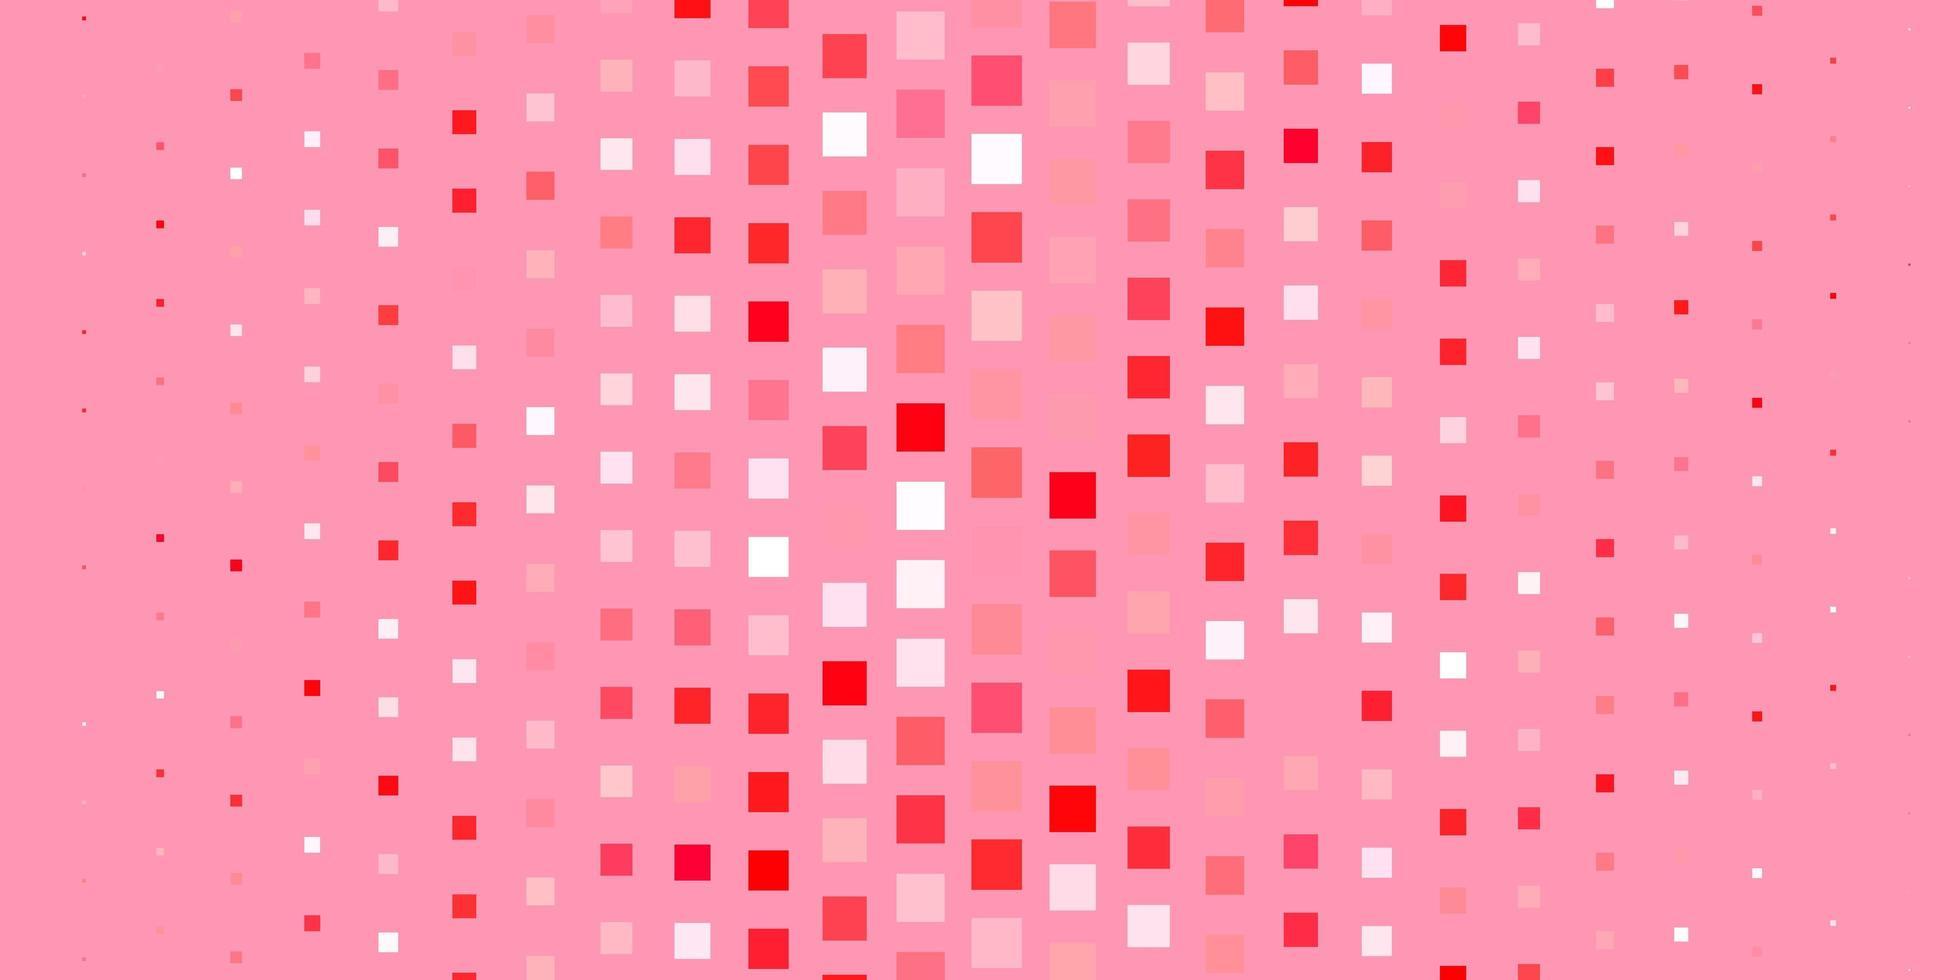 hellrote Vektortextur im rechteckigen Stil. vektor